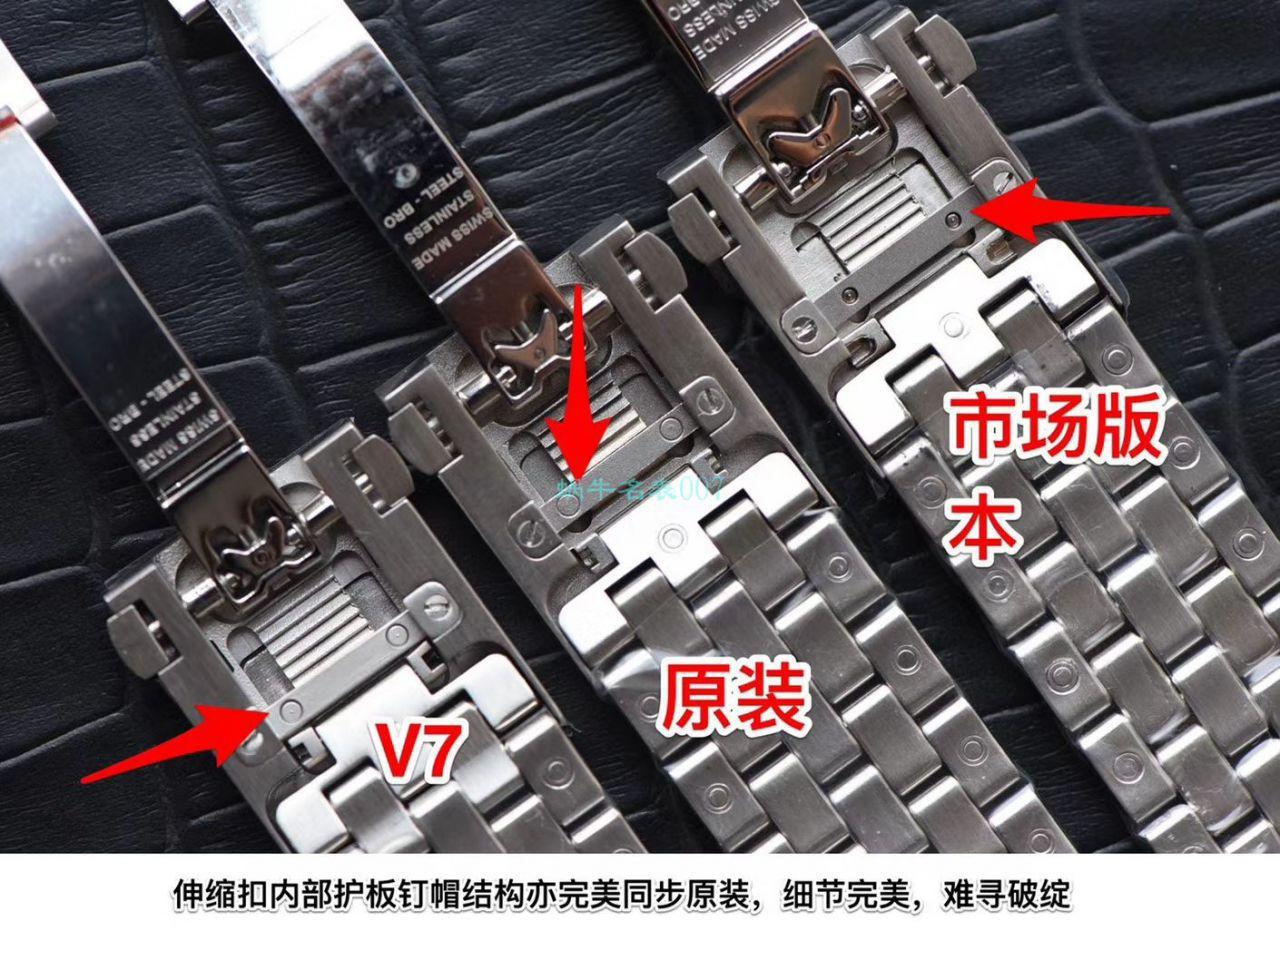 V7厂万国马克十八【视频评测V7厂】终极版本万国马克十八 / V7makeshiba